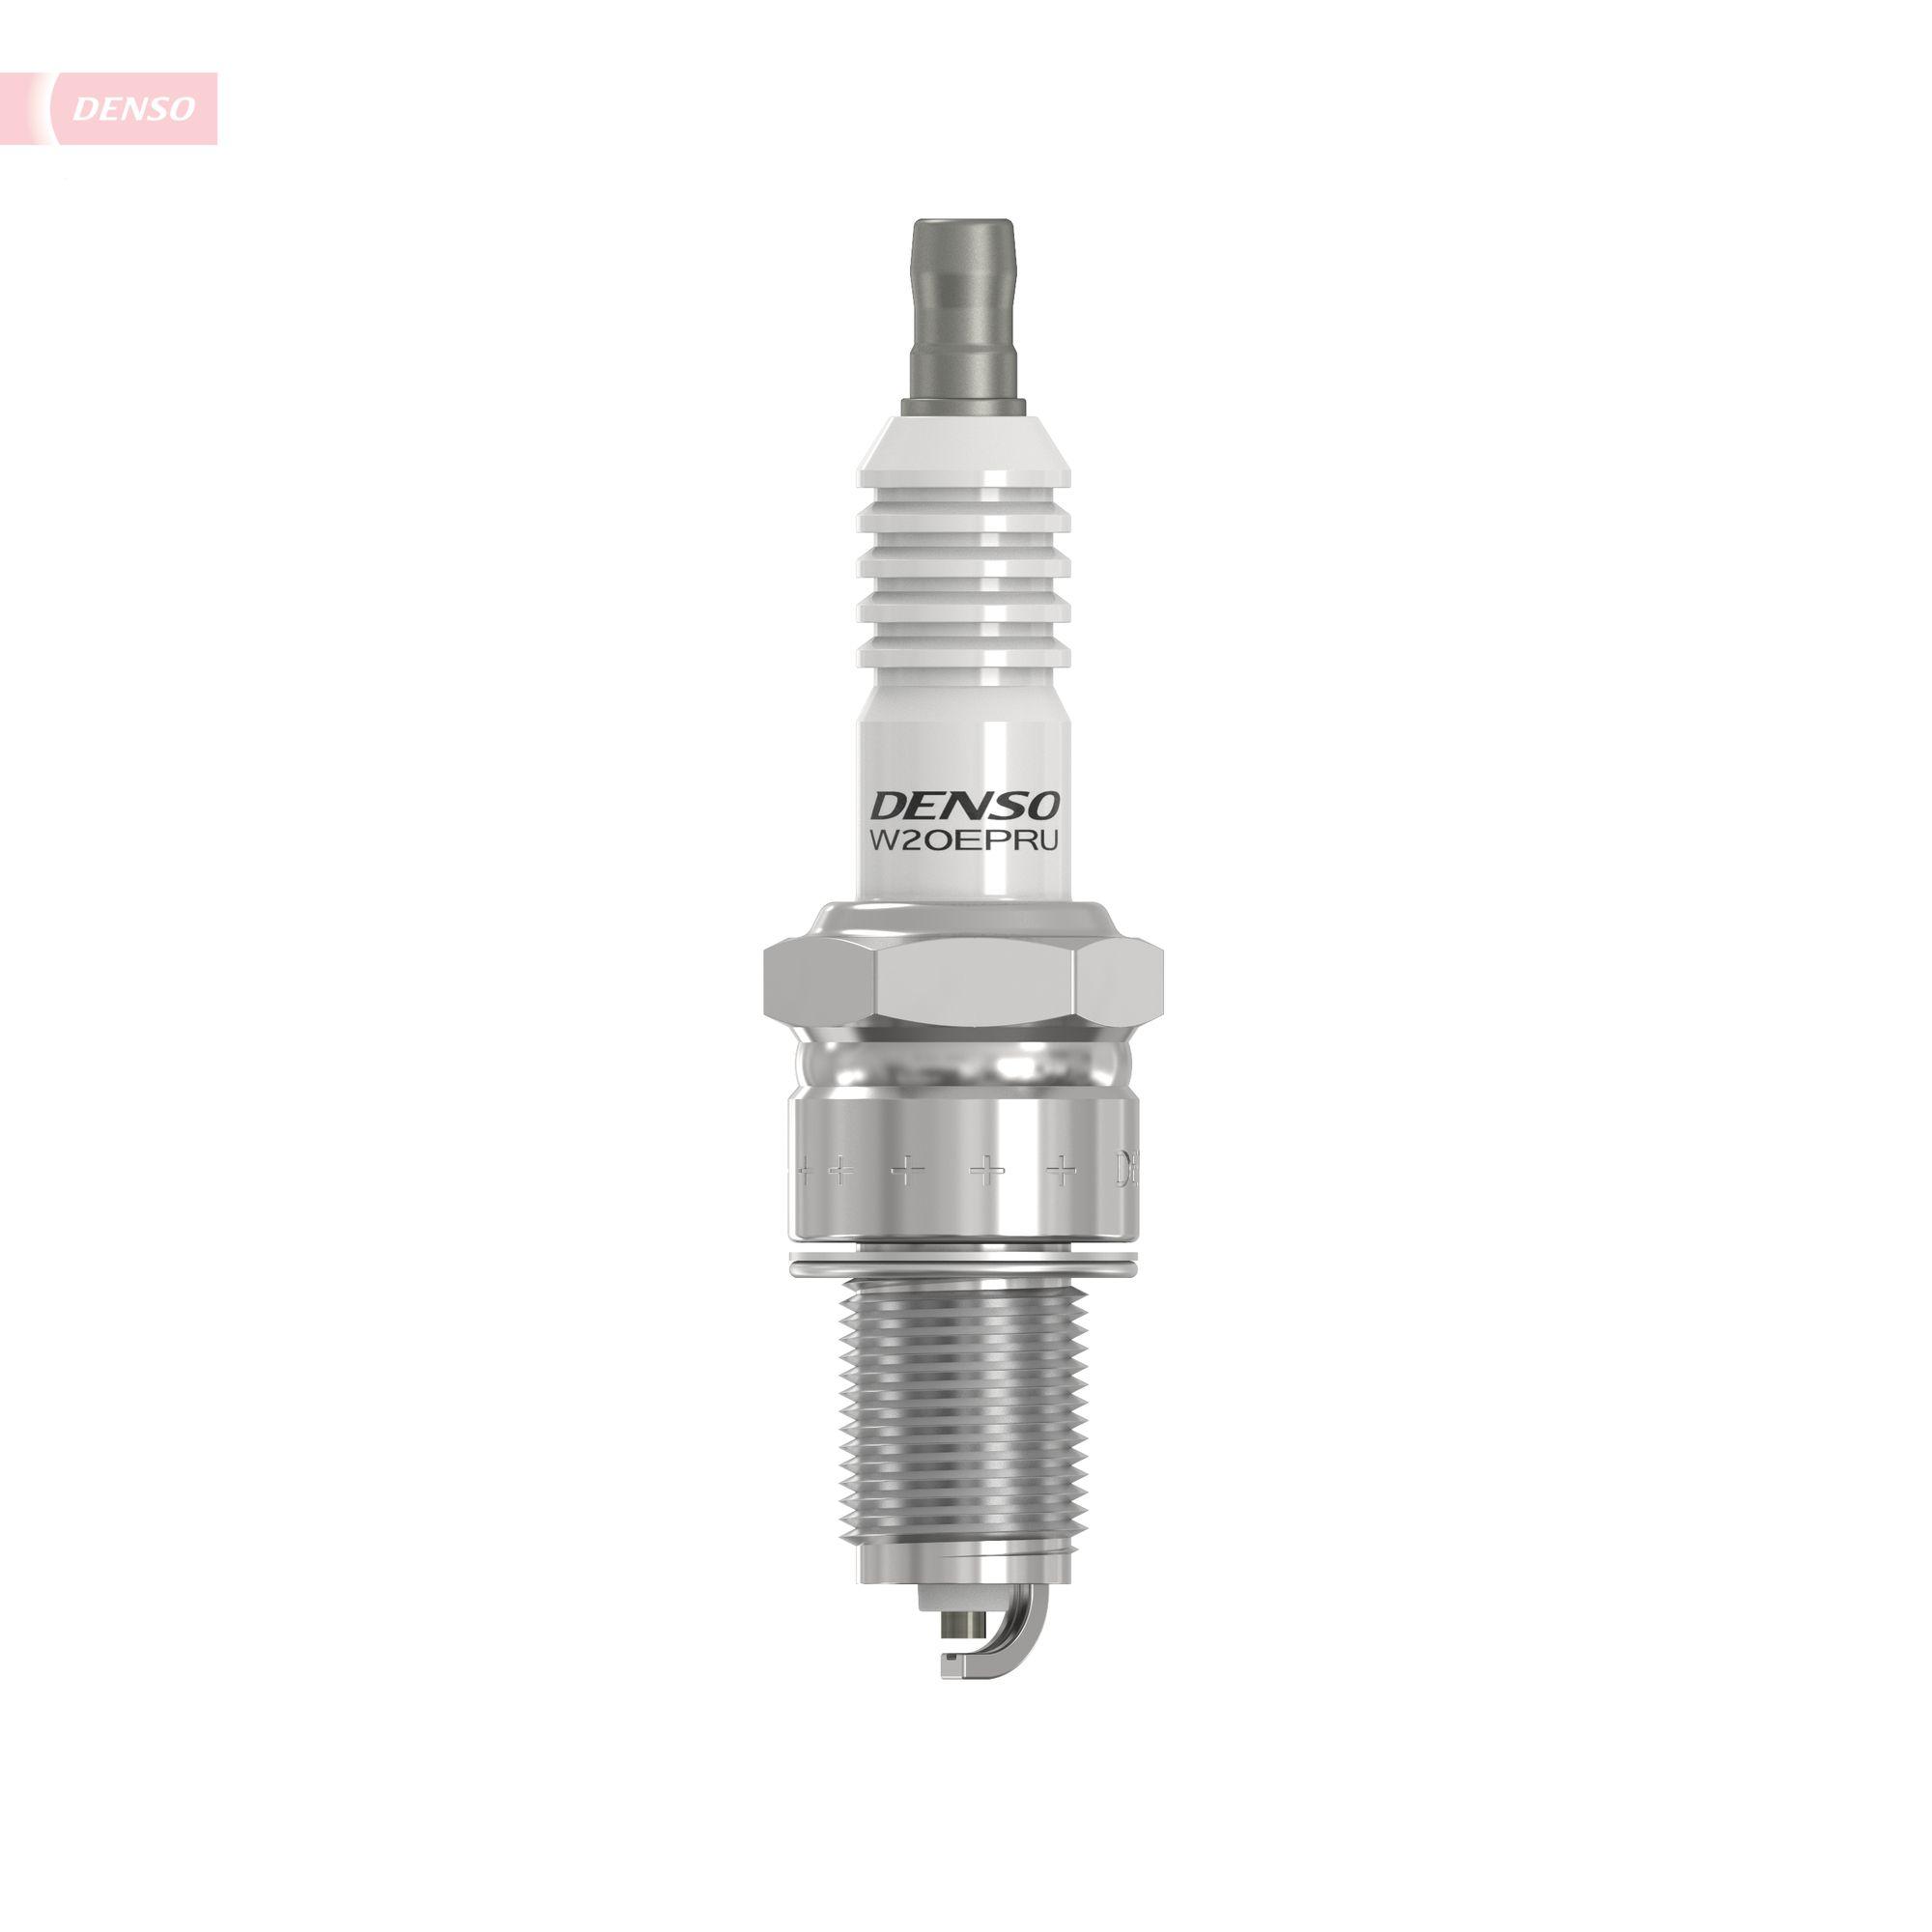 3047 DENSO Nickel Rozmer kľúča: 20.6 Zapaľovacia sviečka W20EPR-U kúpte si lacno